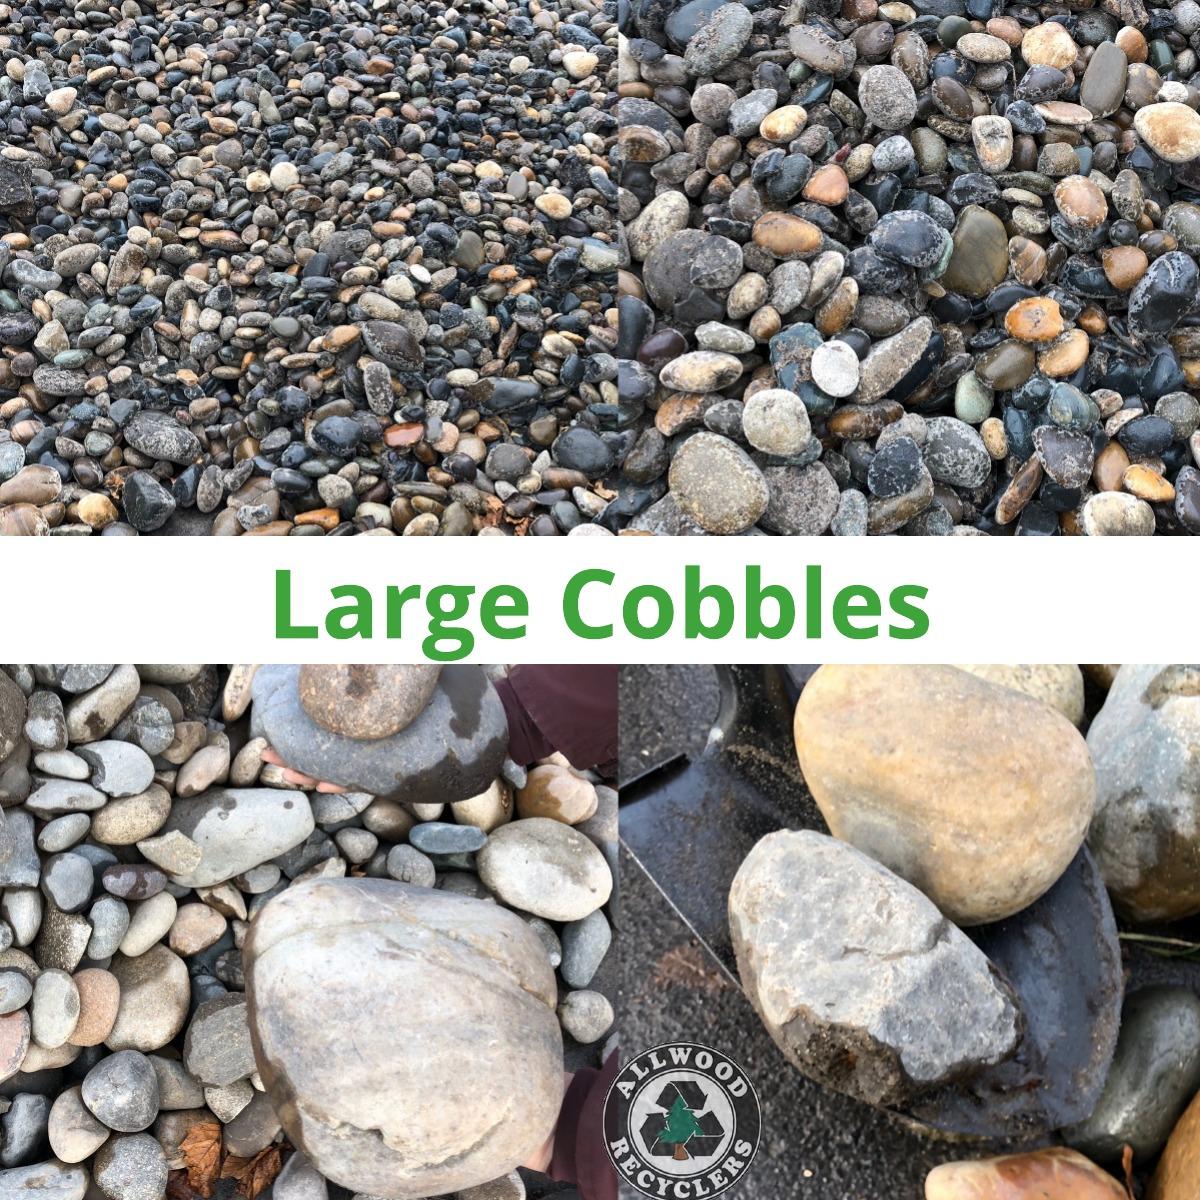 Large Cobbles